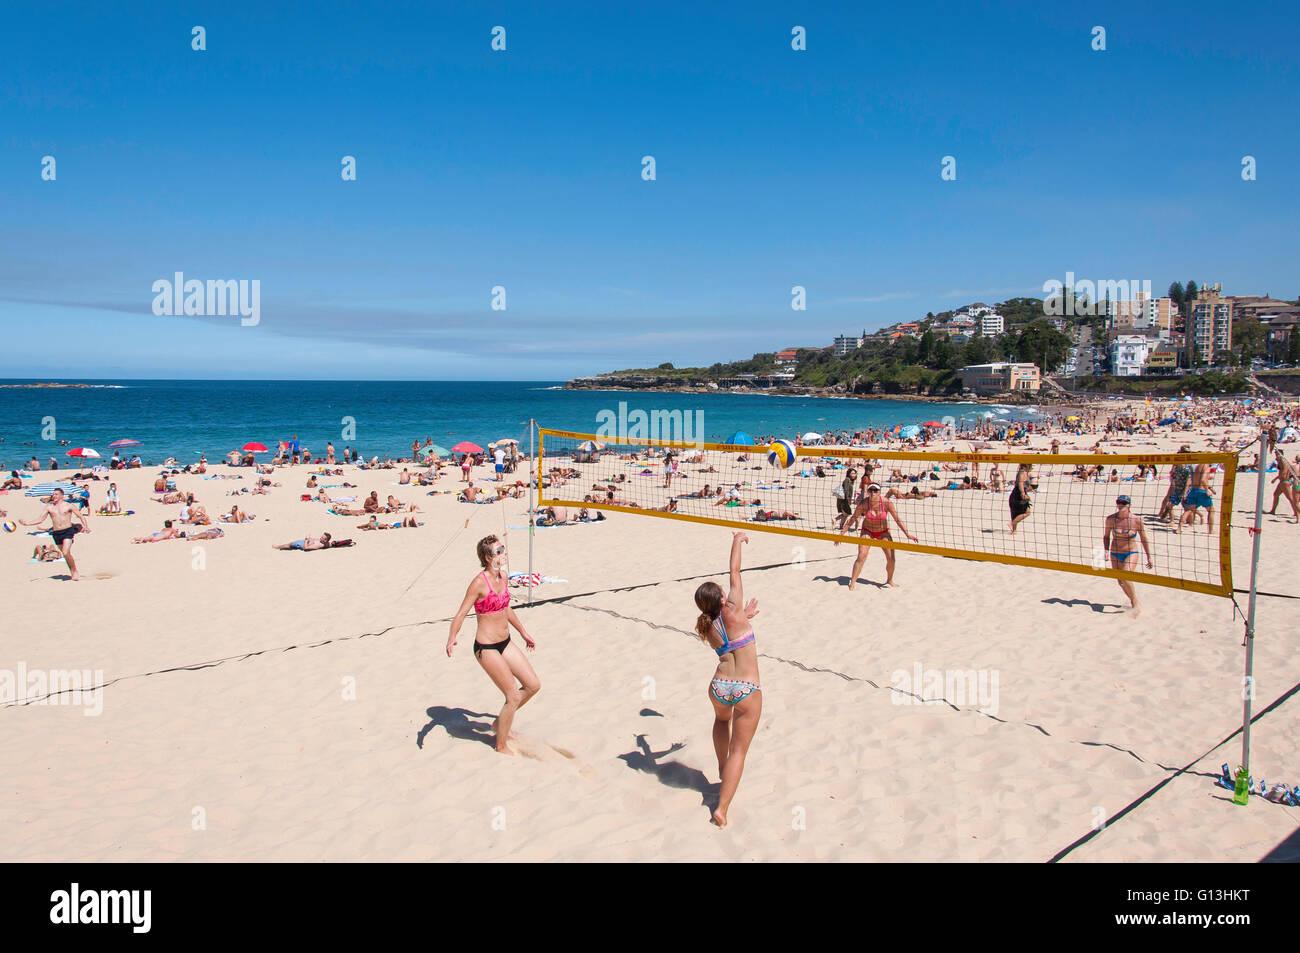 Frauen spielen beach-Volleyball am Coogee Beach, Coogee, Sydney, New South Wales, Australien Stockbild